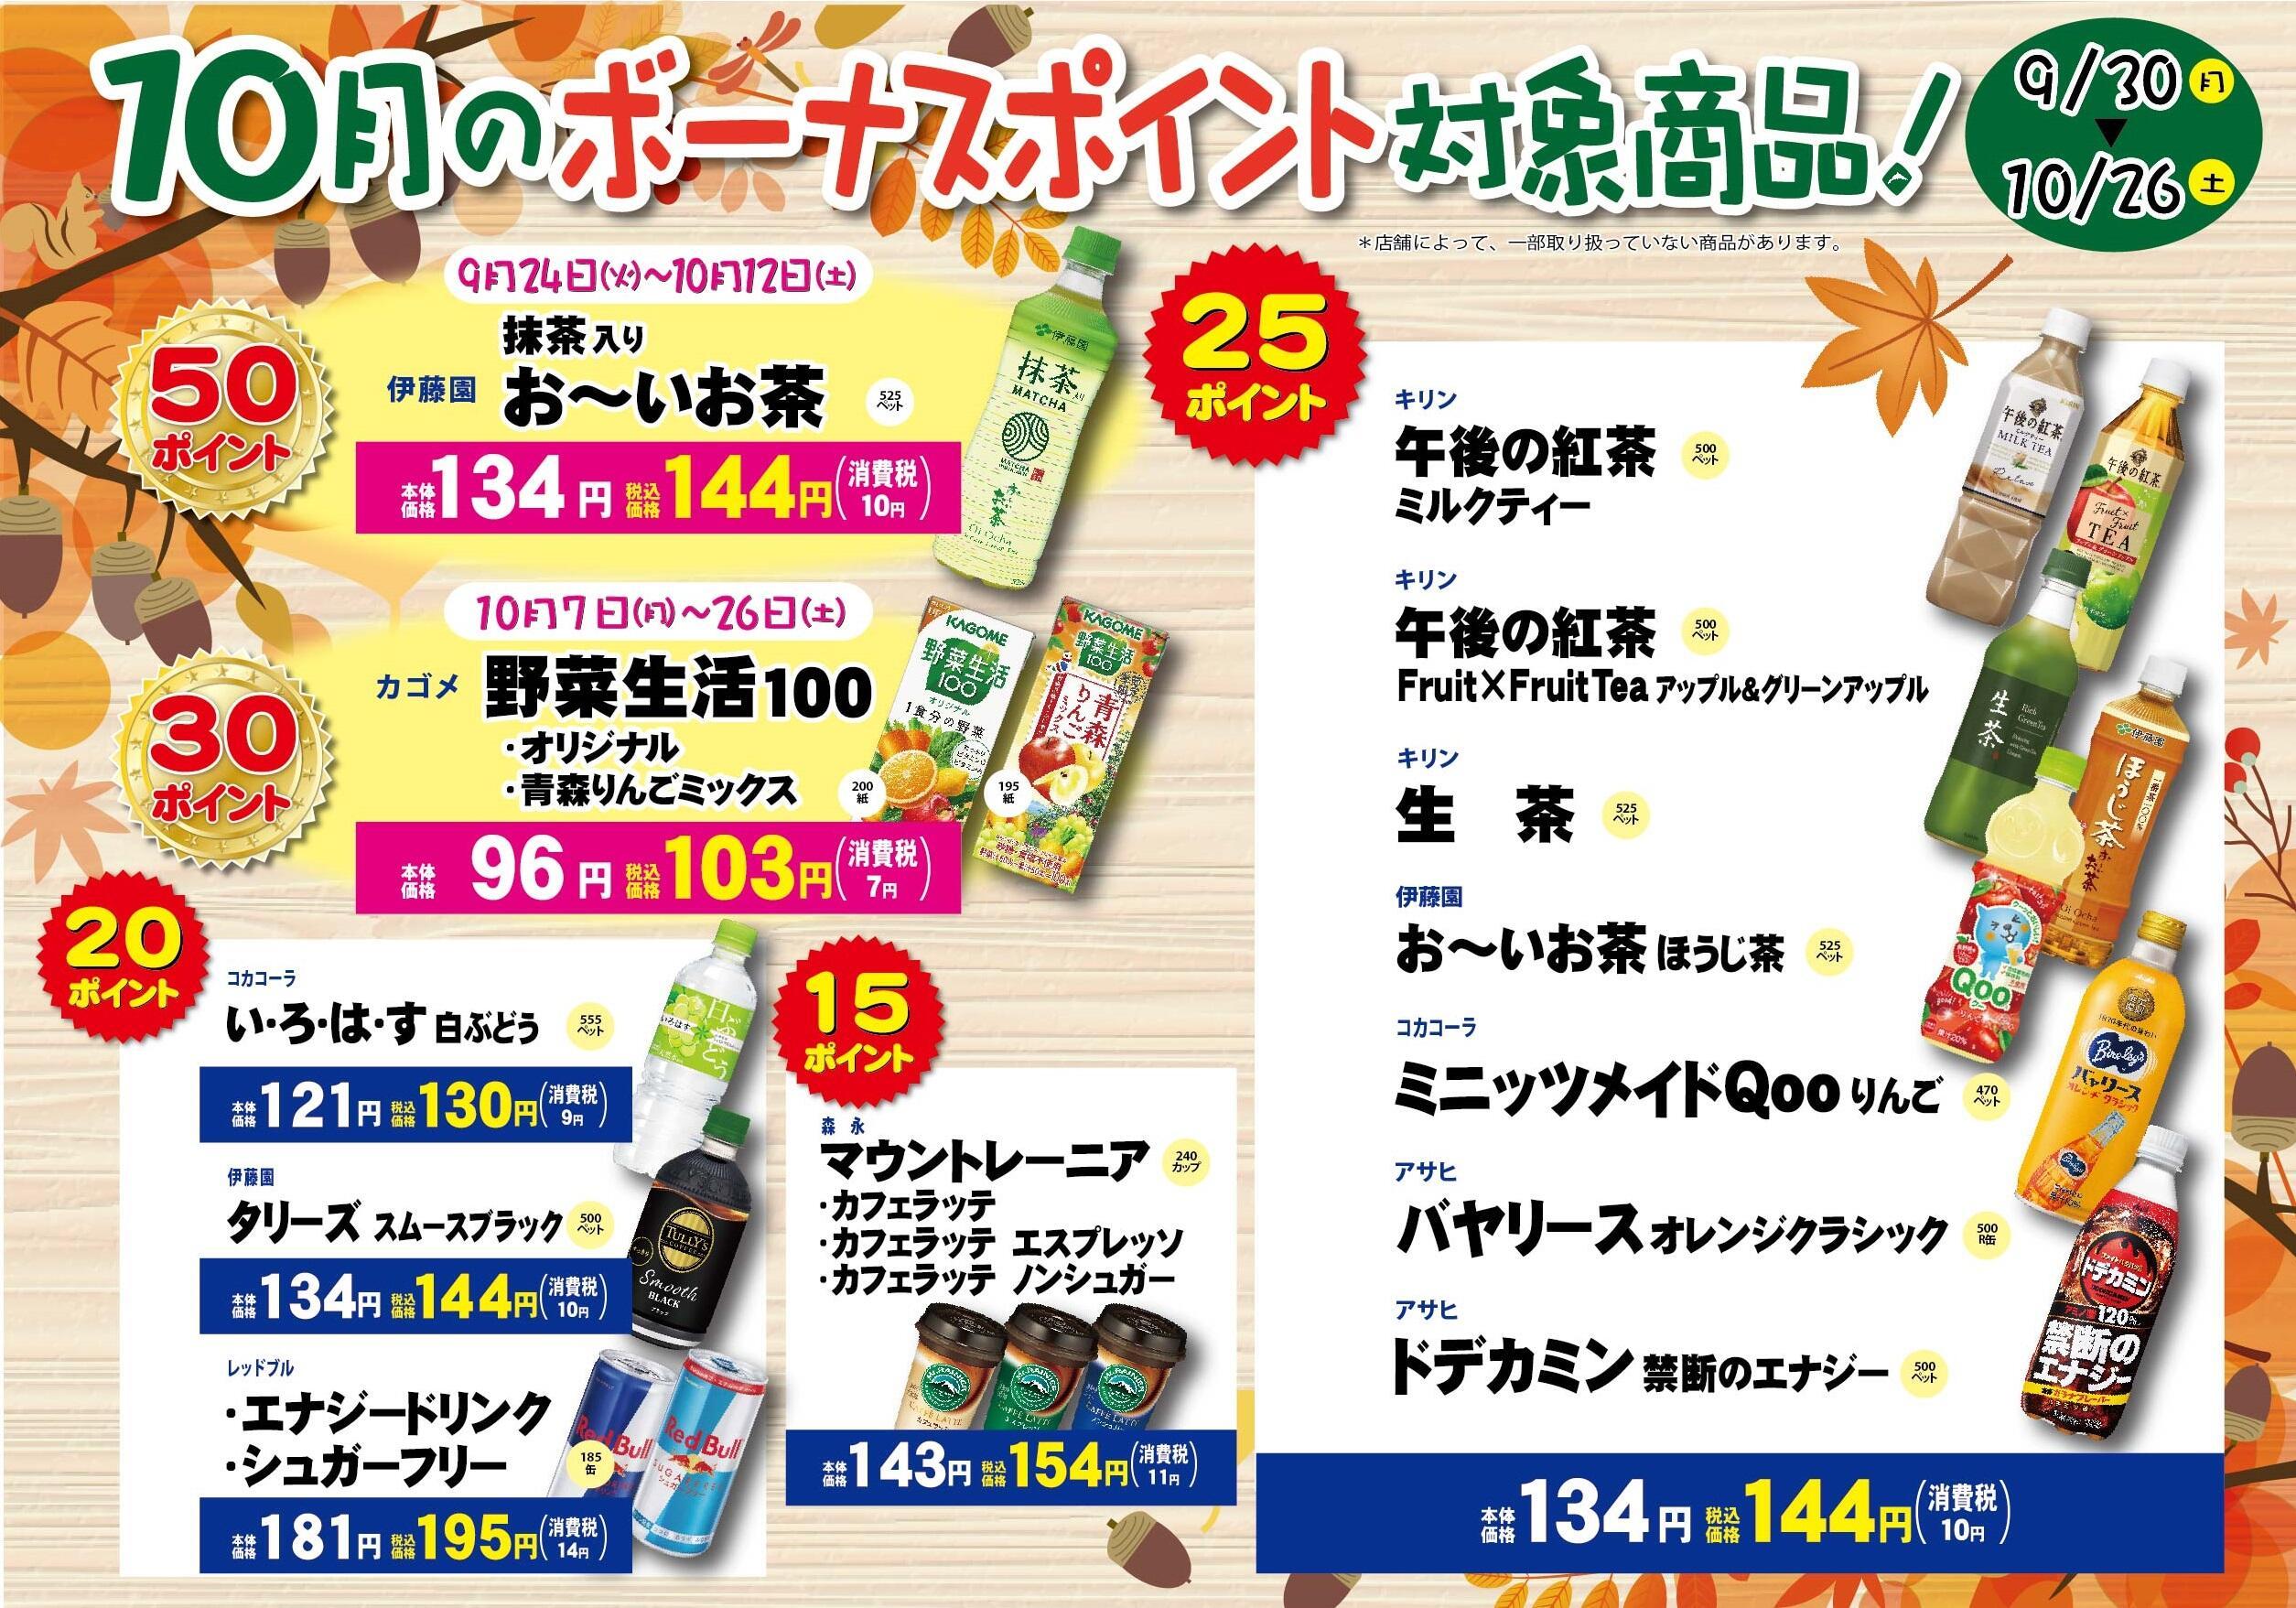 19.10月【共通】飲料ポイントポスター.jpg